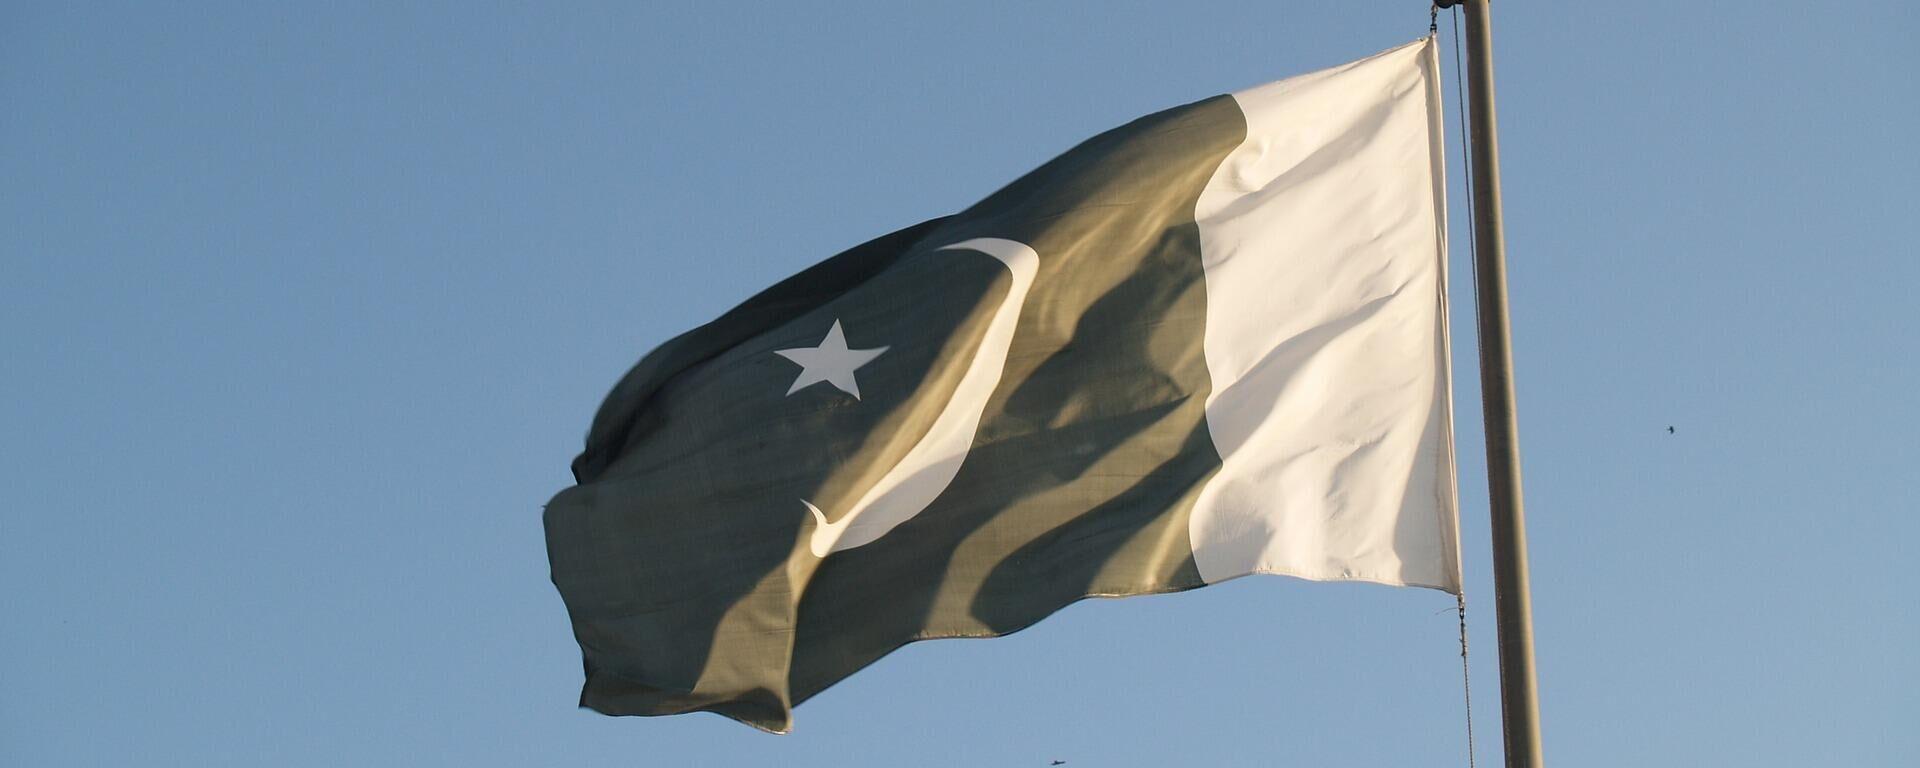 Флаг Пакистана - Sputnik Тоҷикистон, 1920, 07.09.2021